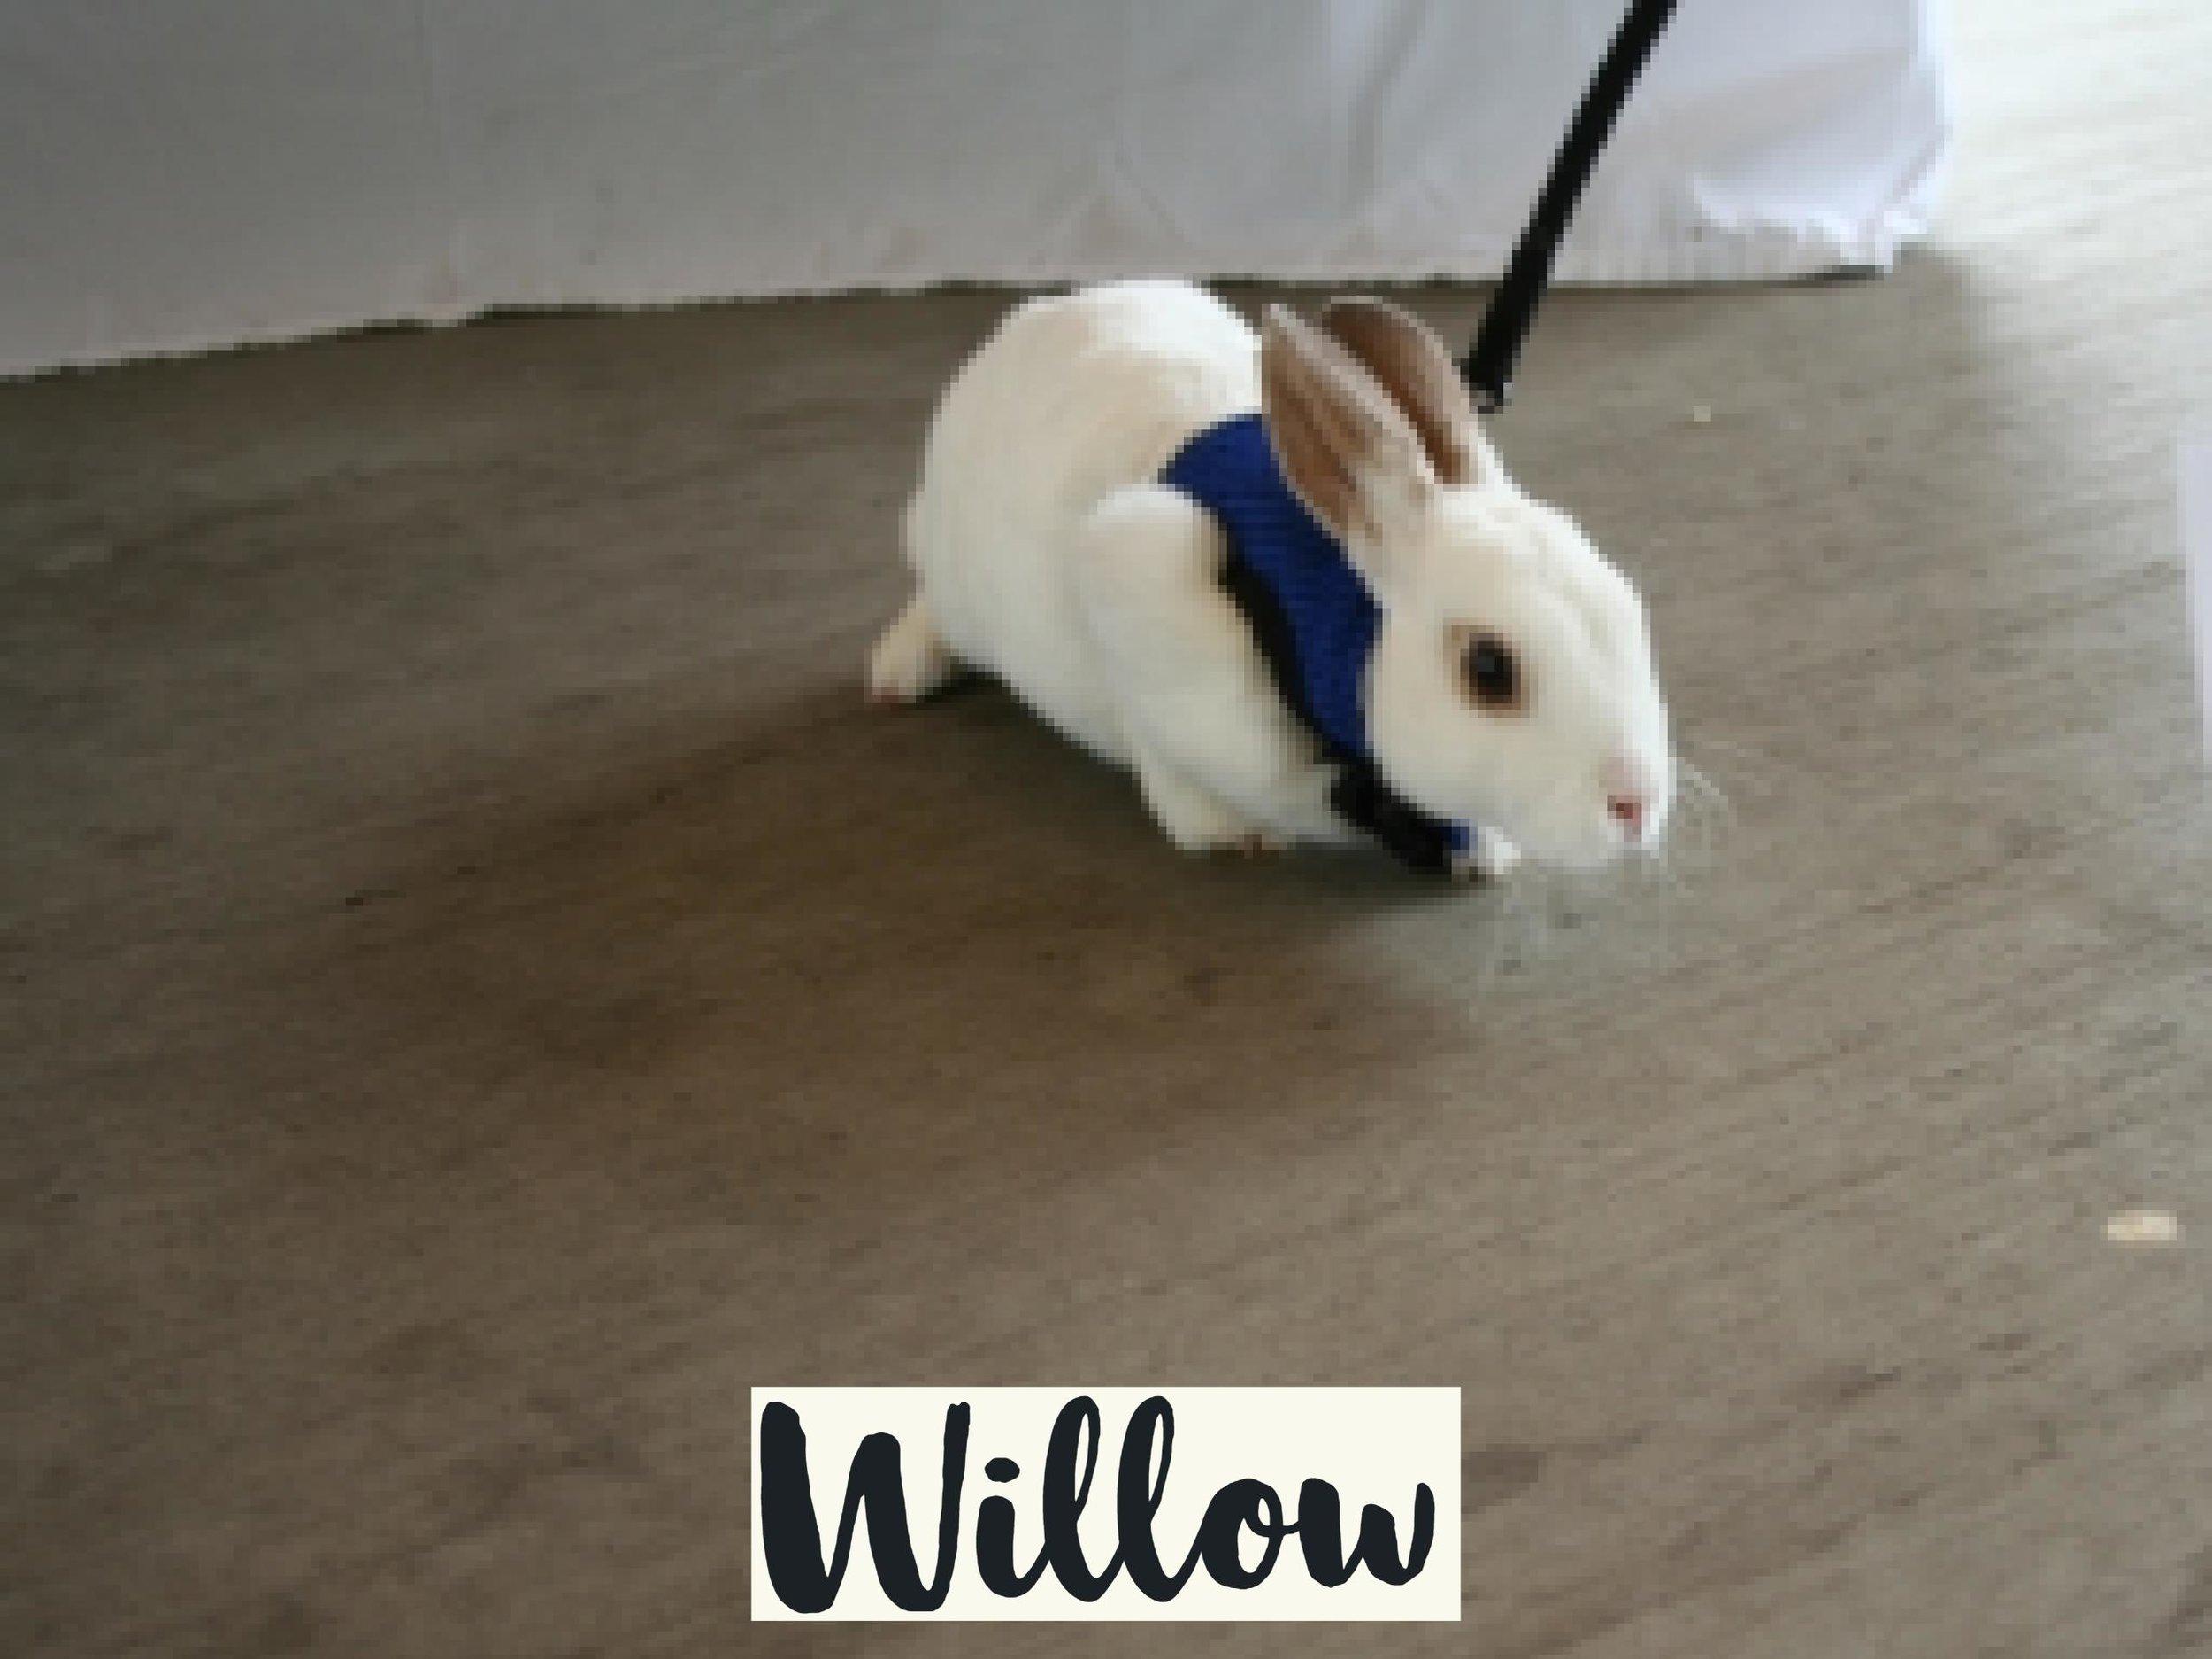 Willow_WV17.jpg